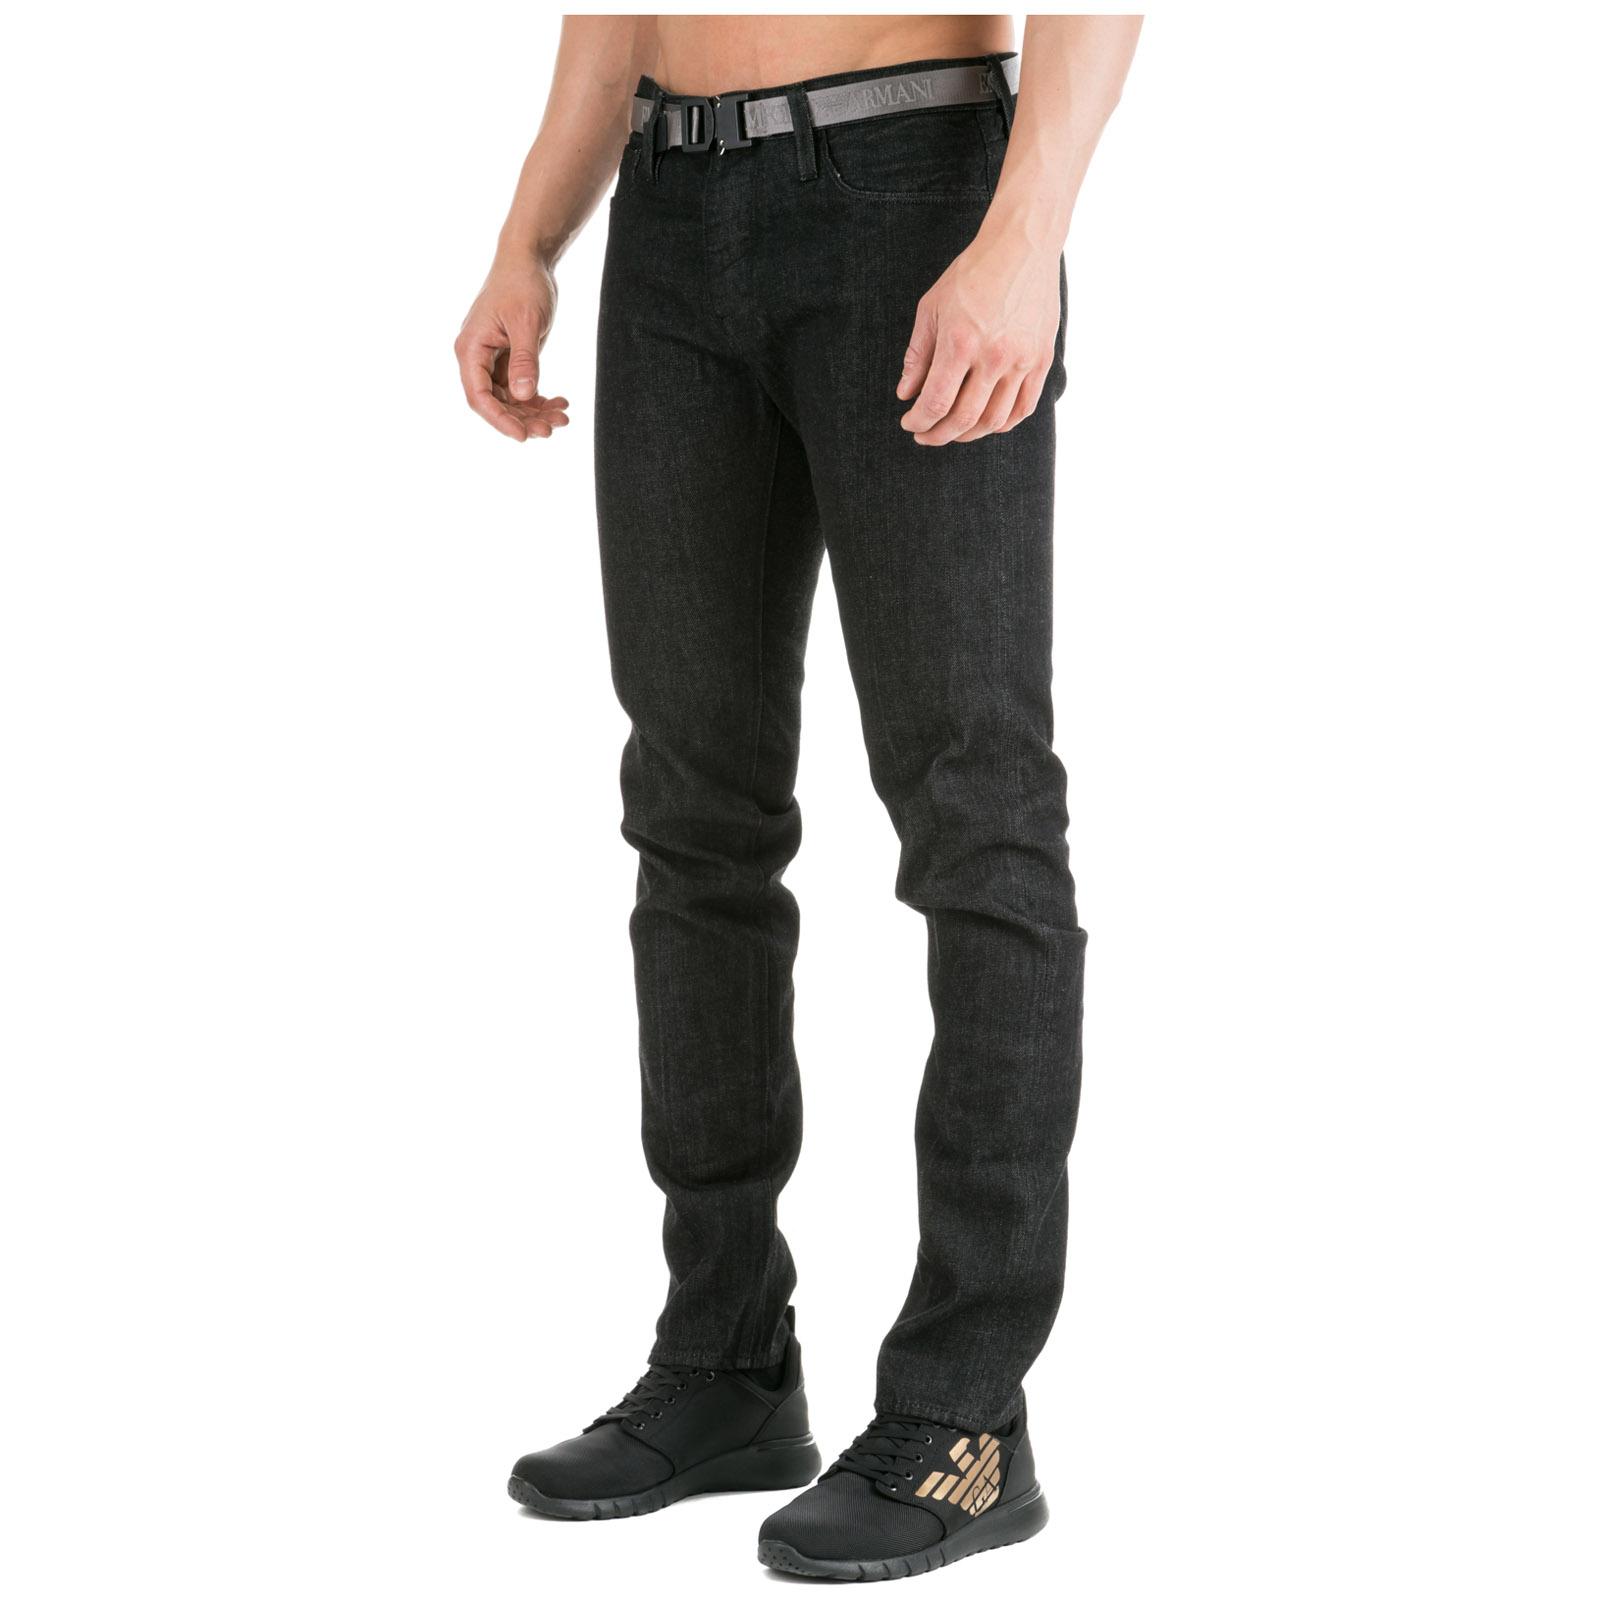 Uomo Jeans Slim Slim Fit Uomo Fit Jeans Armani Armani Jeans u1TJlFKc3